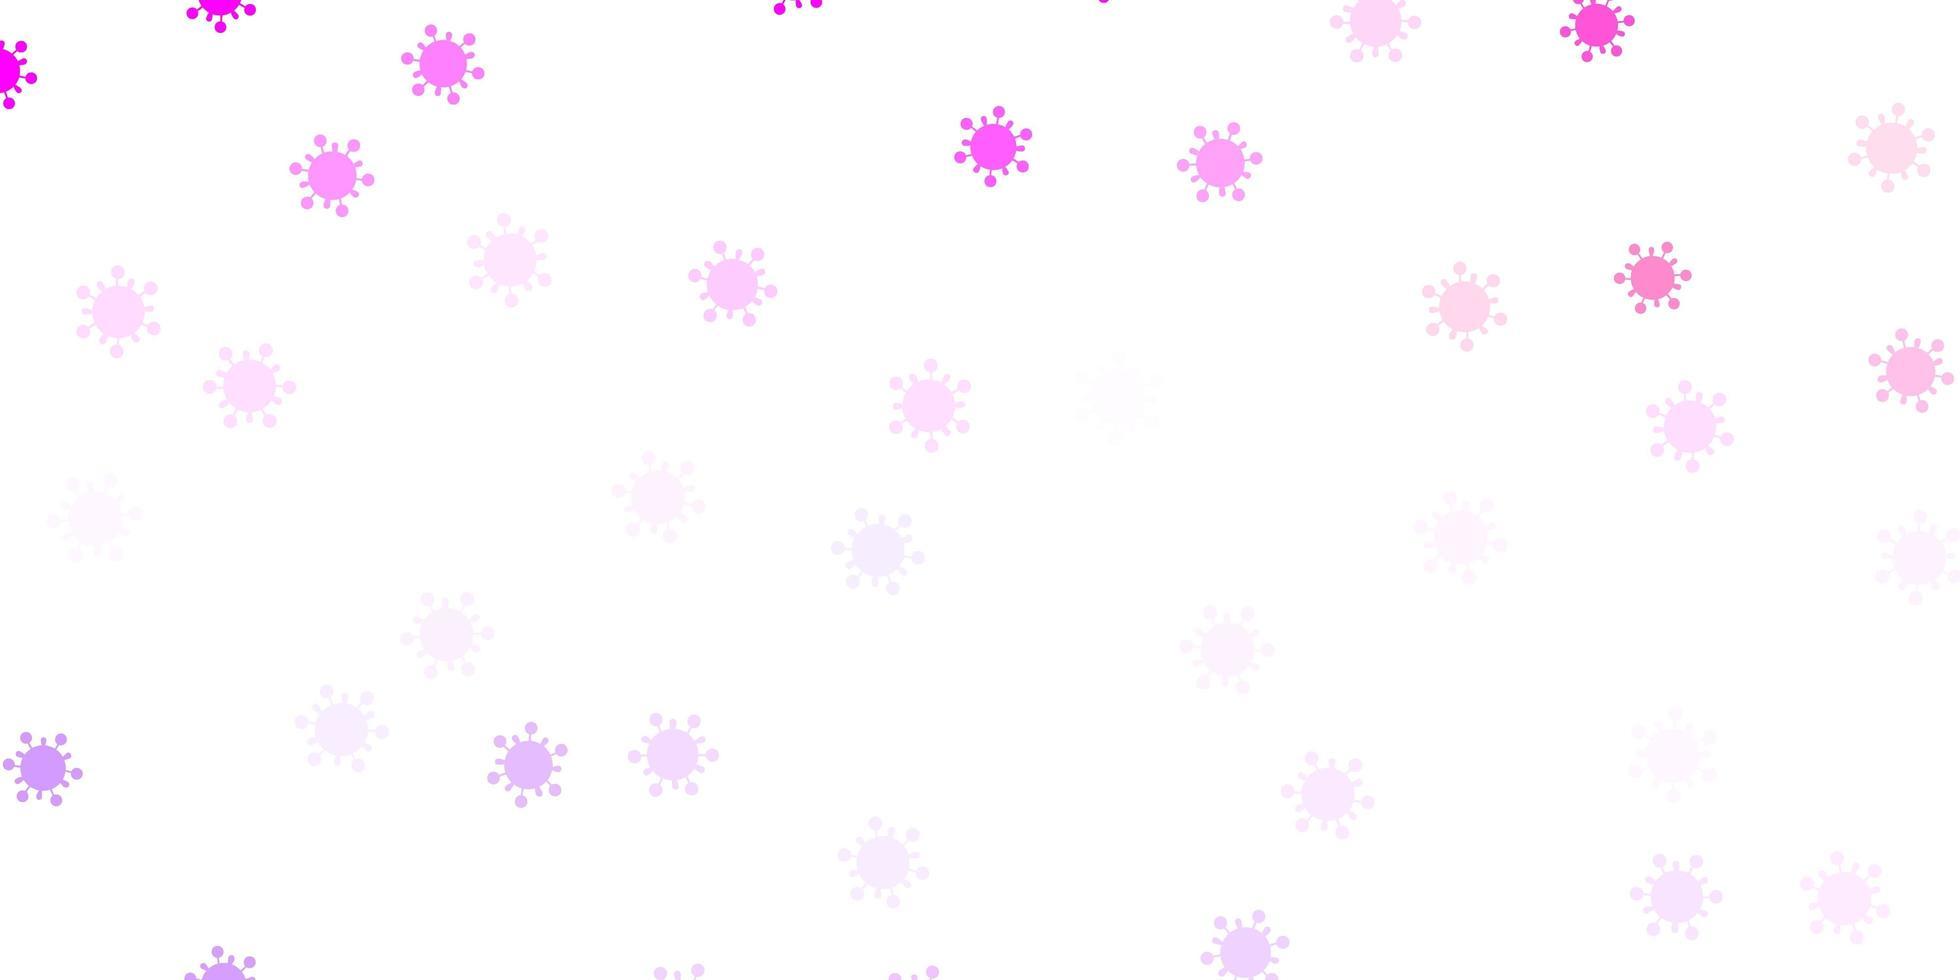 lichtpaarse, roze vectorachtergrond met virussymbolen vector